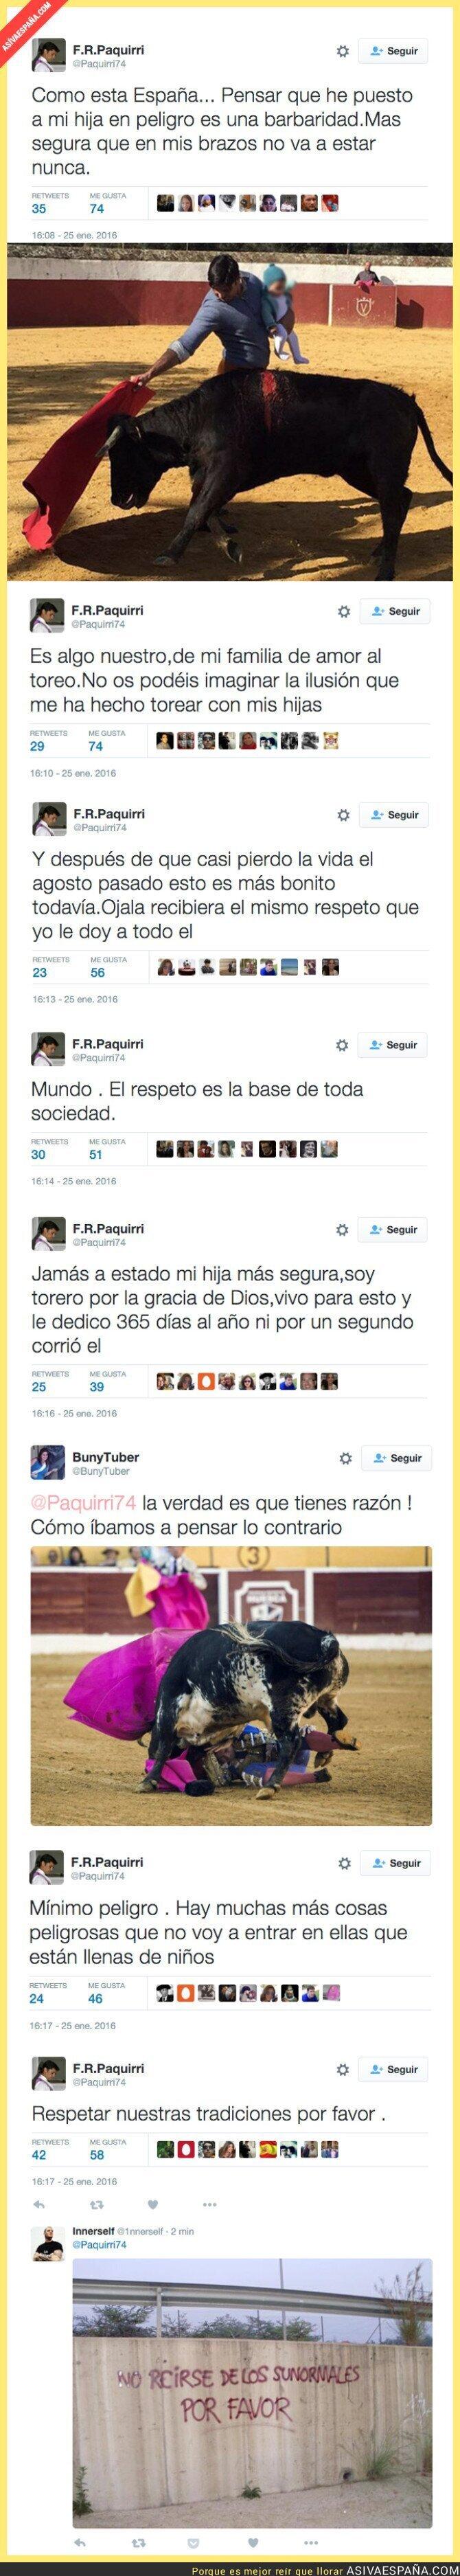 33103 - Atención a los tuits de Fran Rivera explicando el motivo por el que torea con su hija de 5 meses